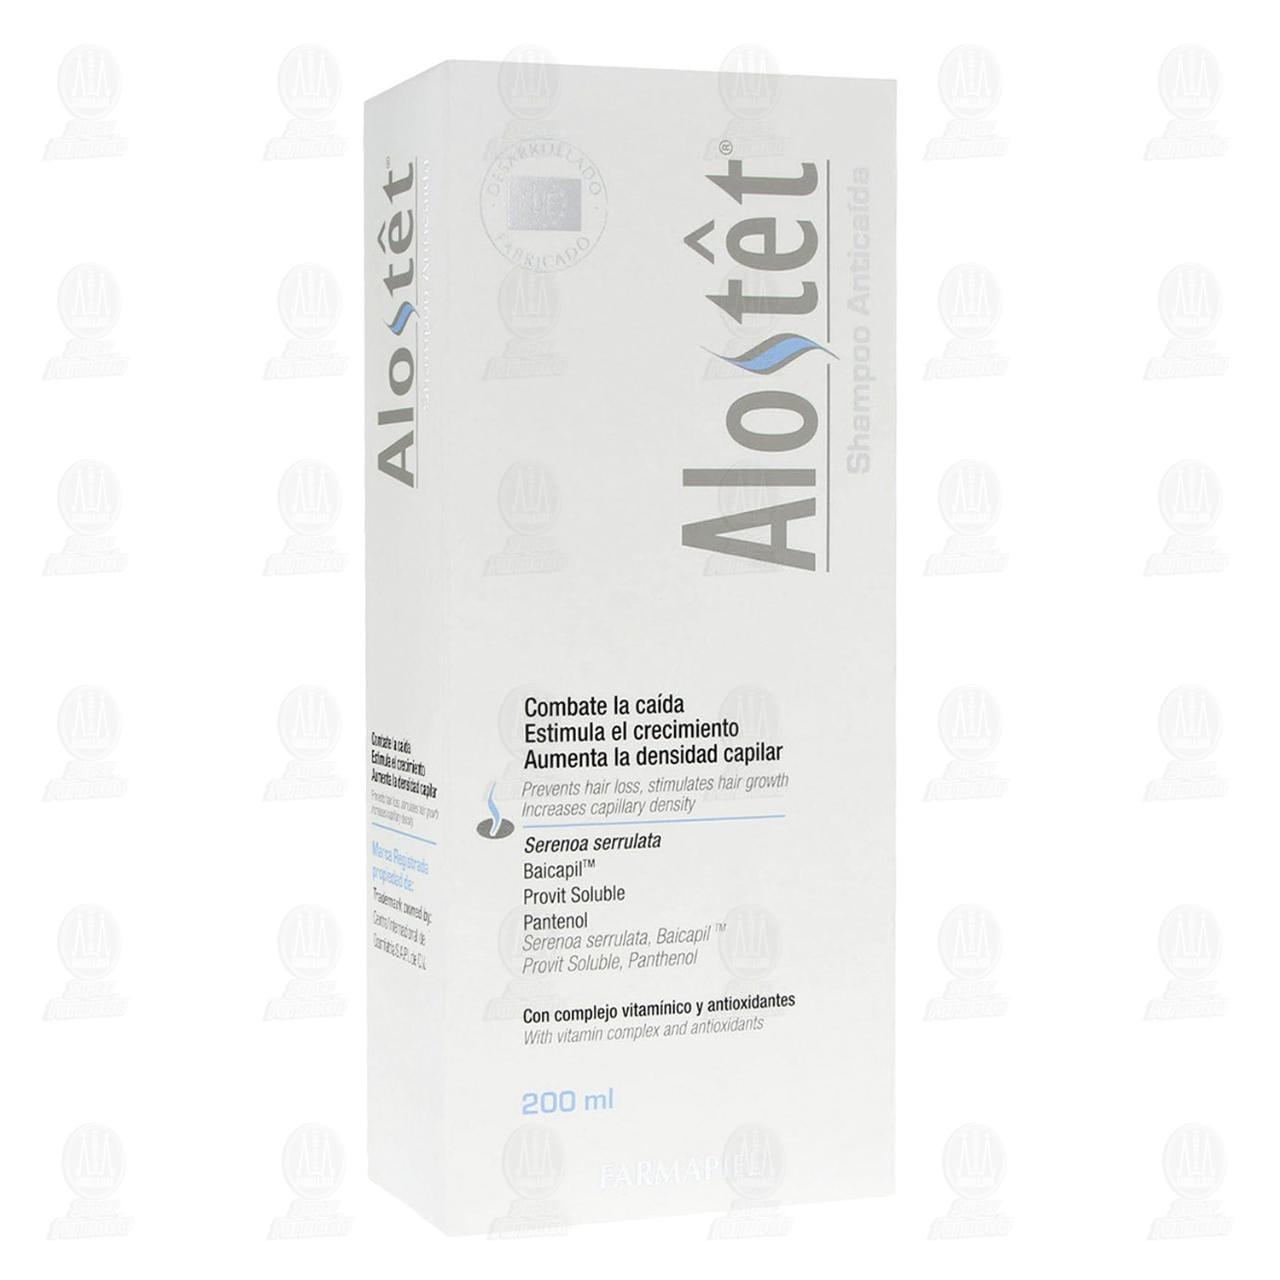 Comprar Alostet Shampoo Anticaída, 200 ml. en Farmacias Guadalajara